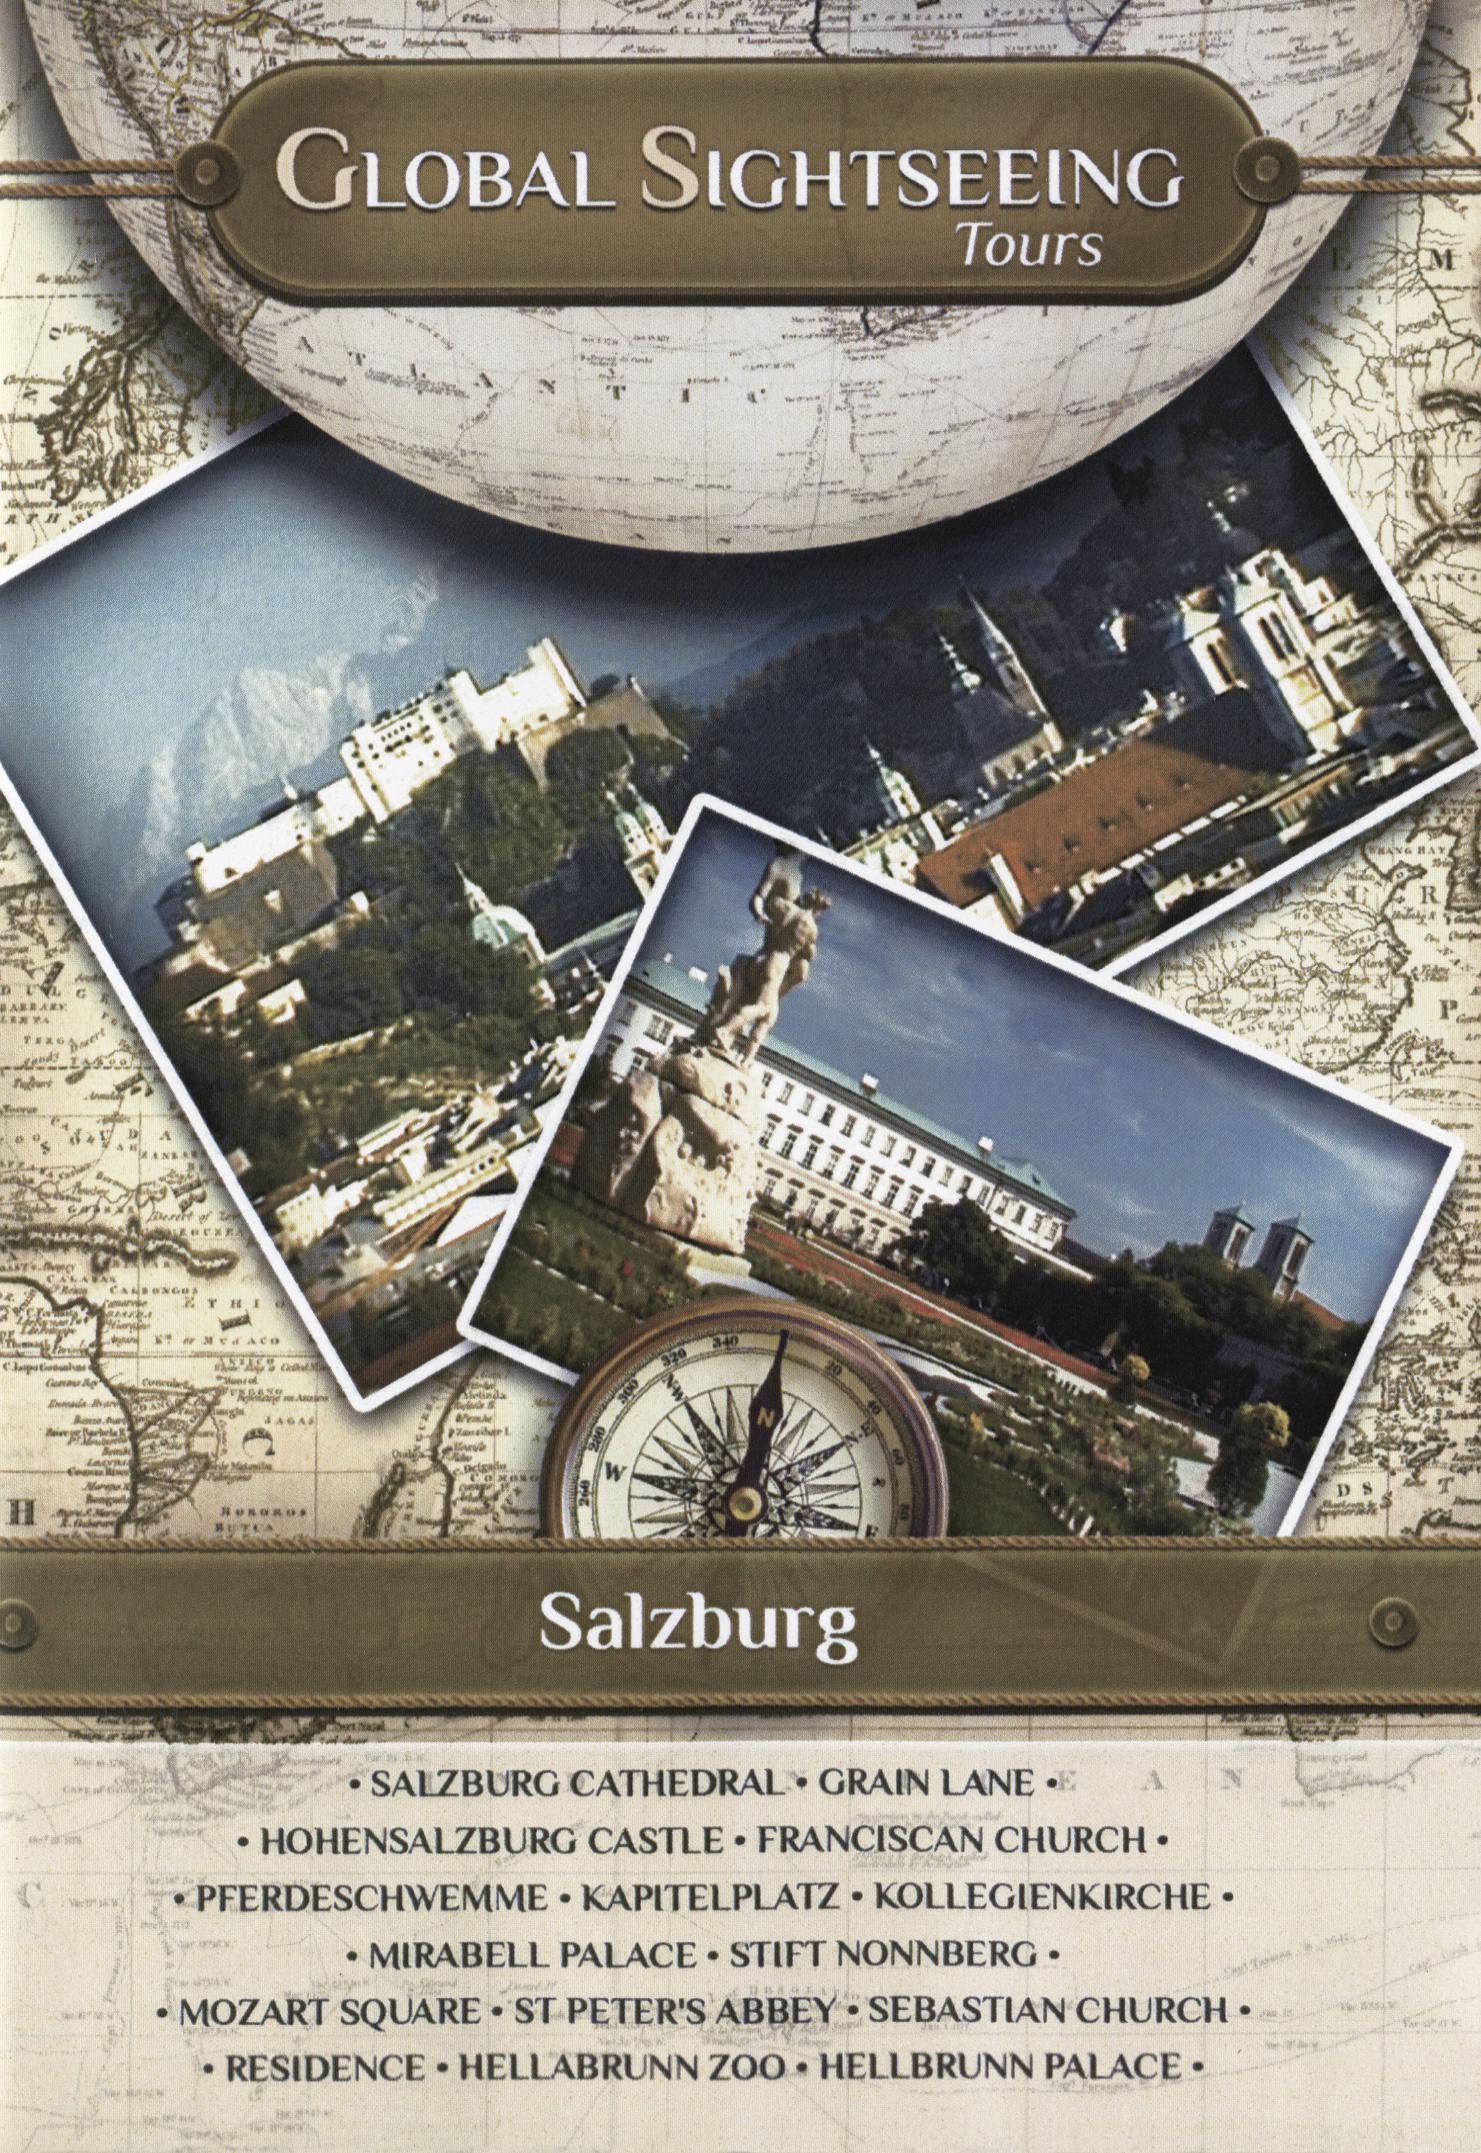 Global Sightseeing Tours: Salzburg